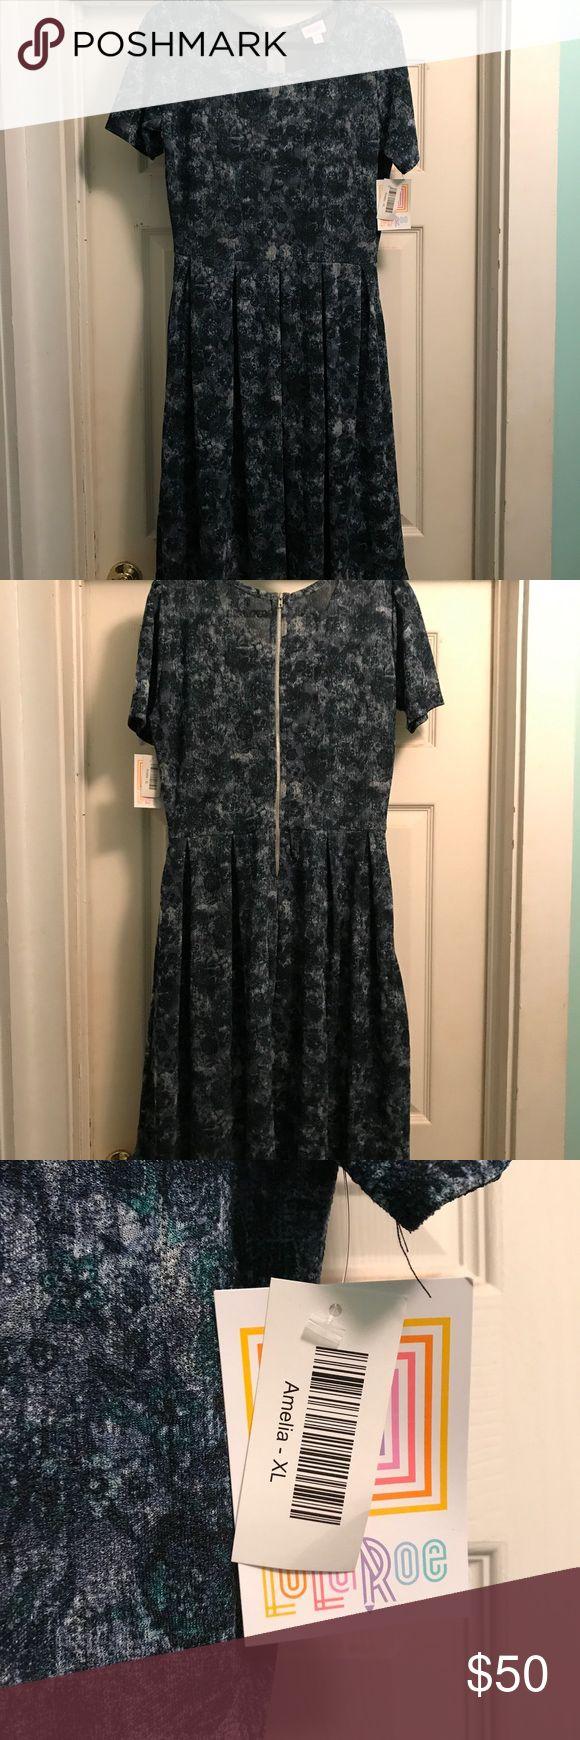 LuLaRoe Amelia Dress NWT Size XL LuLaRoe Amelia Dress NWT Size XL LuLaRoe Dresses Midi